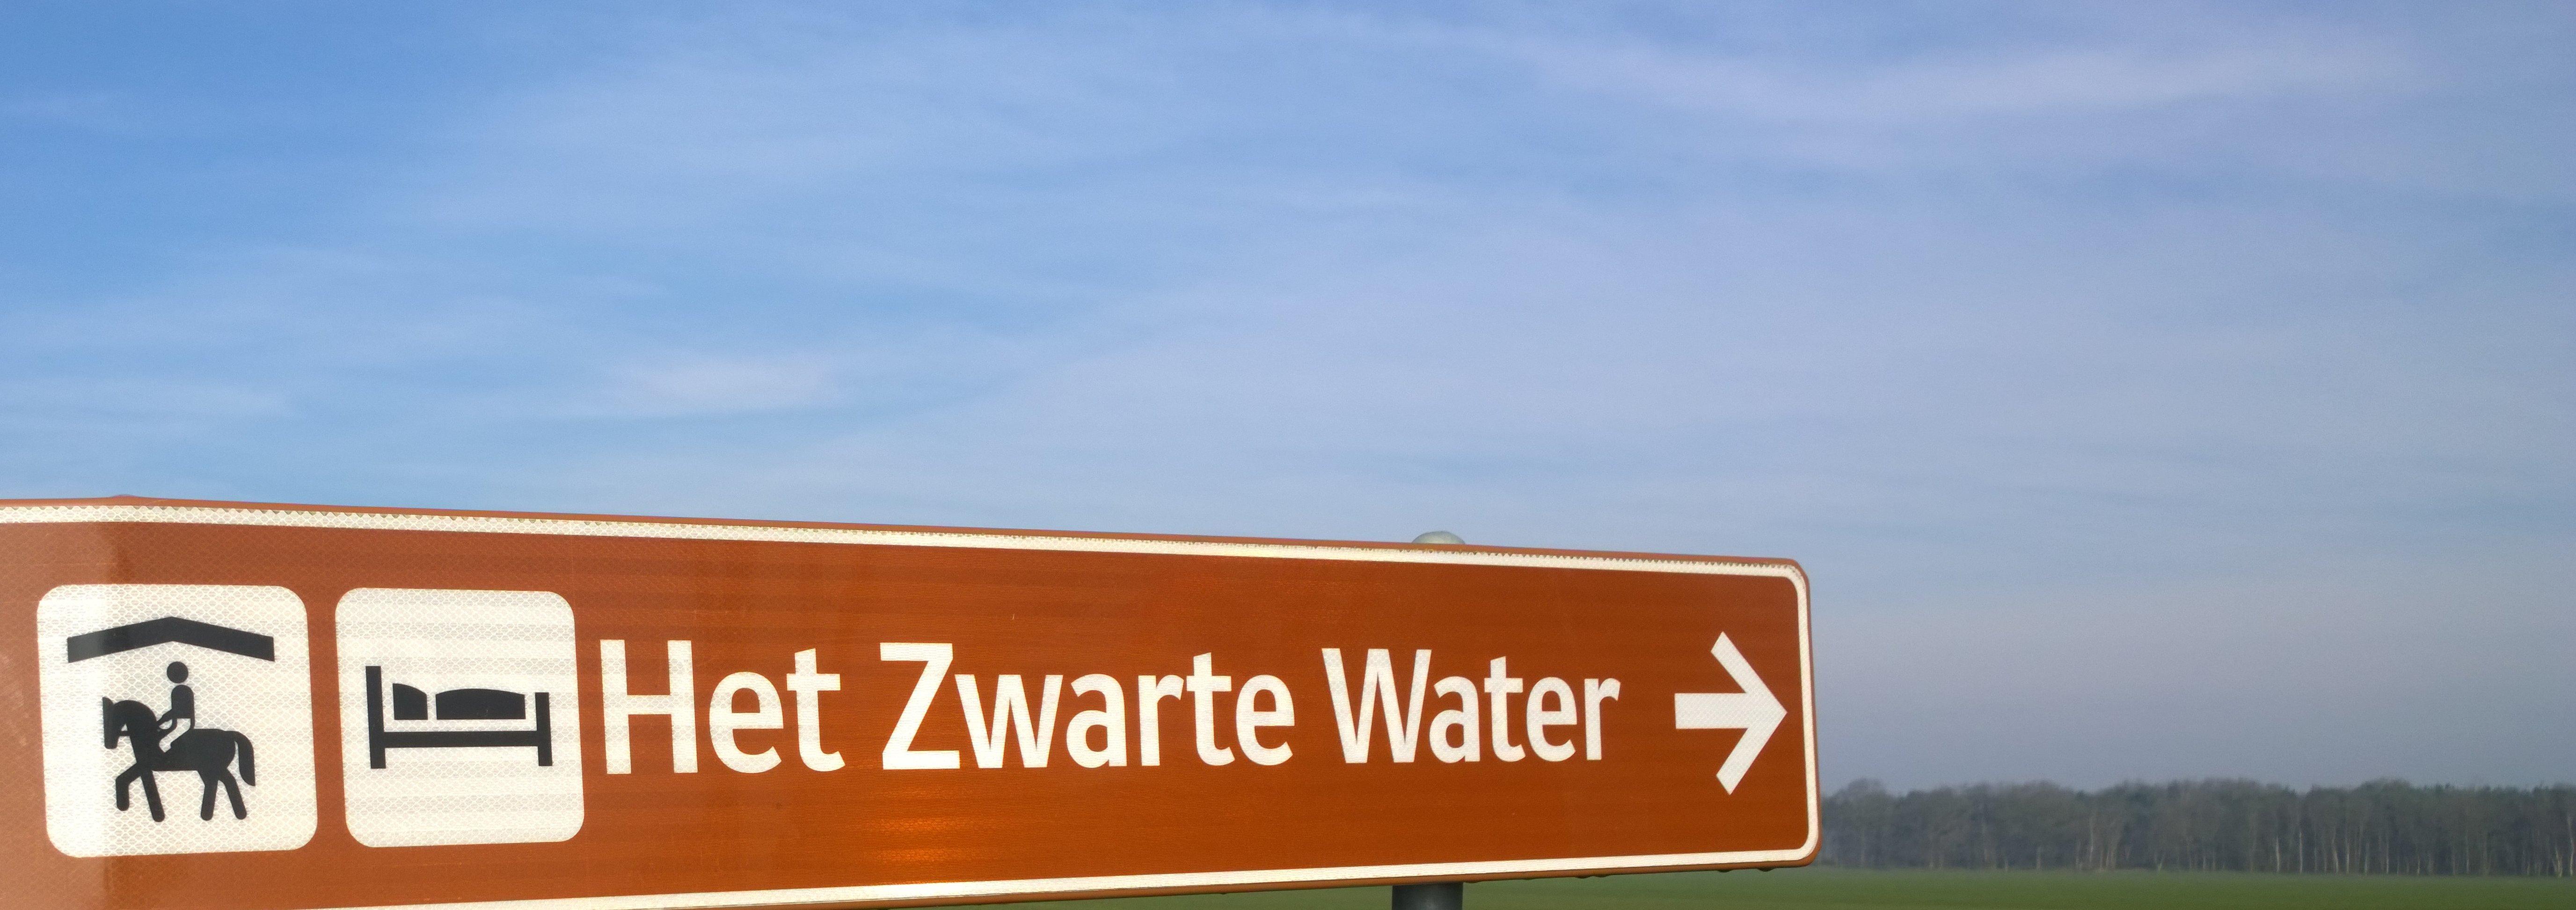 Het-Zwarte-Water-Hippisch-Resort-De-Mortel-Noord-Brabant-Nederland